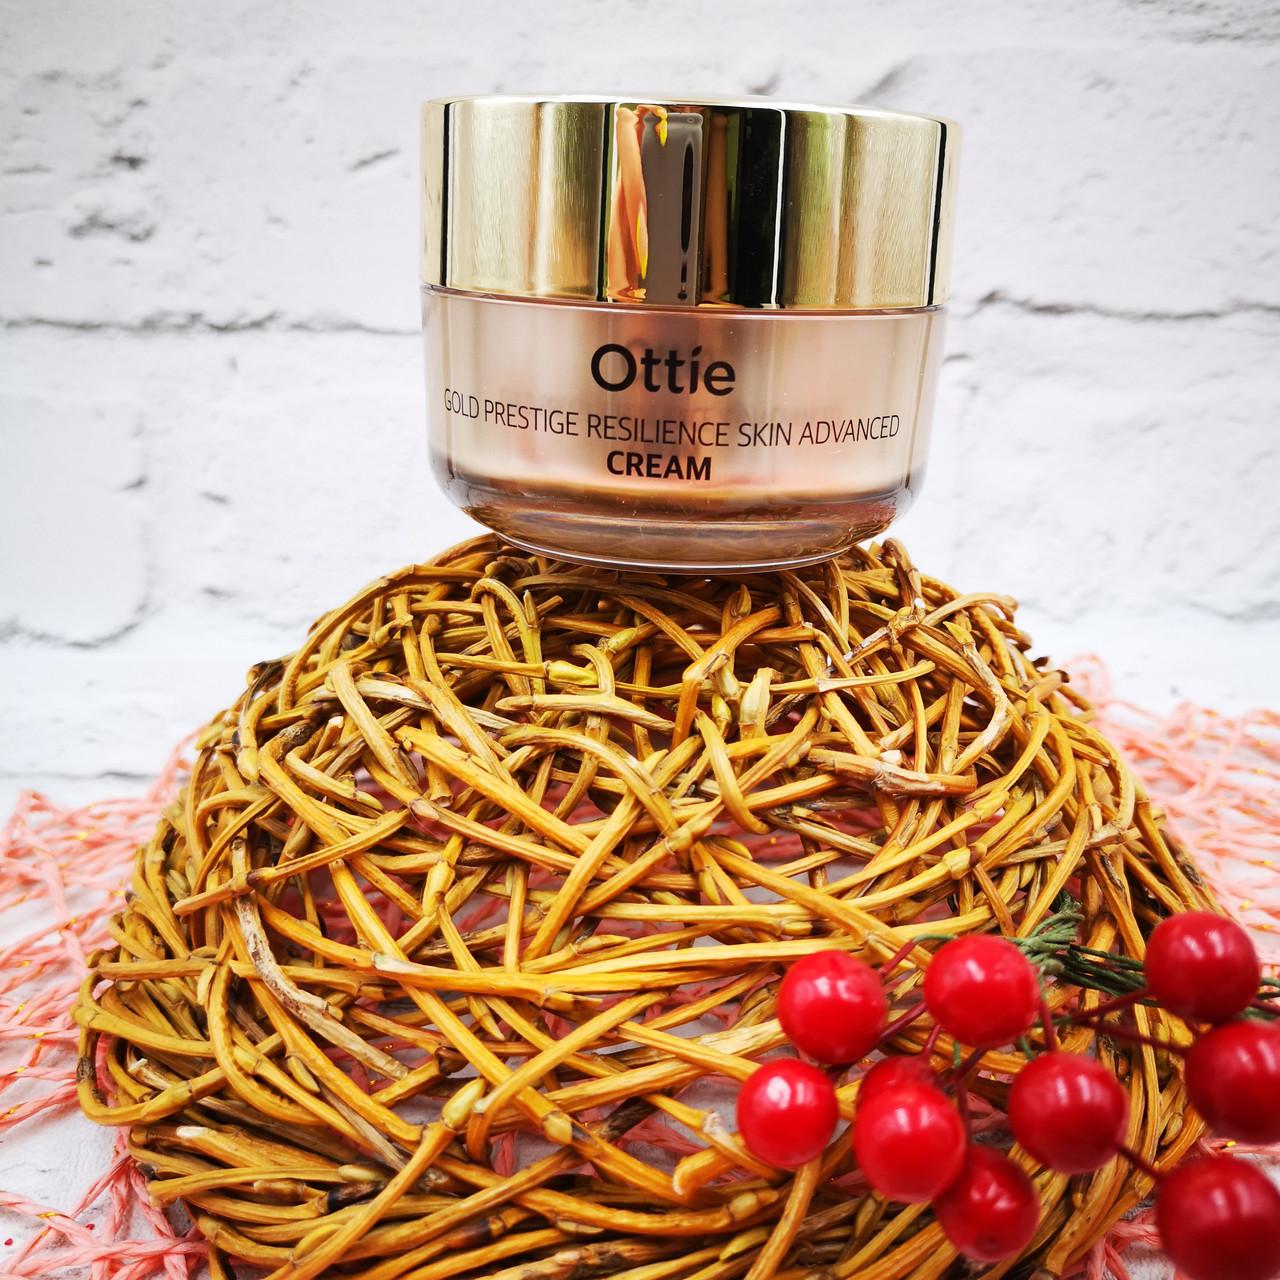 Питательный крем Ottie для упругости кожи Gold Prestige Resilience Advanced Cream